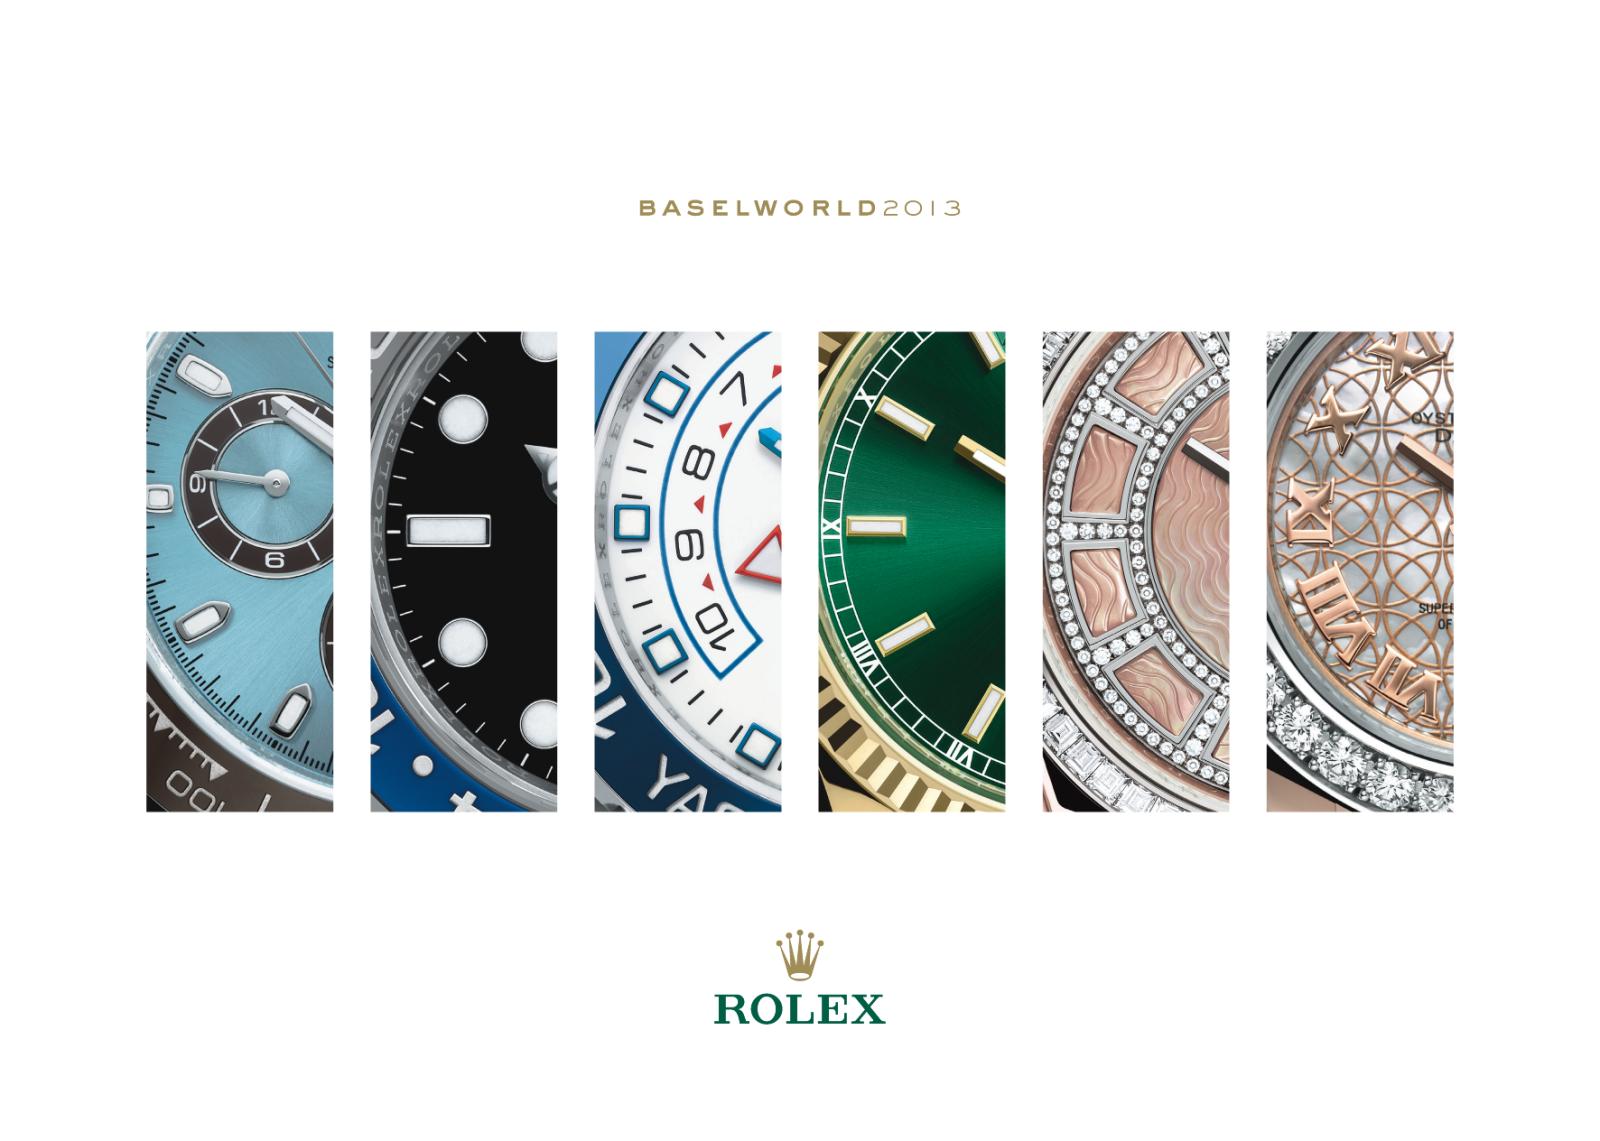 Baselworld 2013: Rolex 2v2aww3